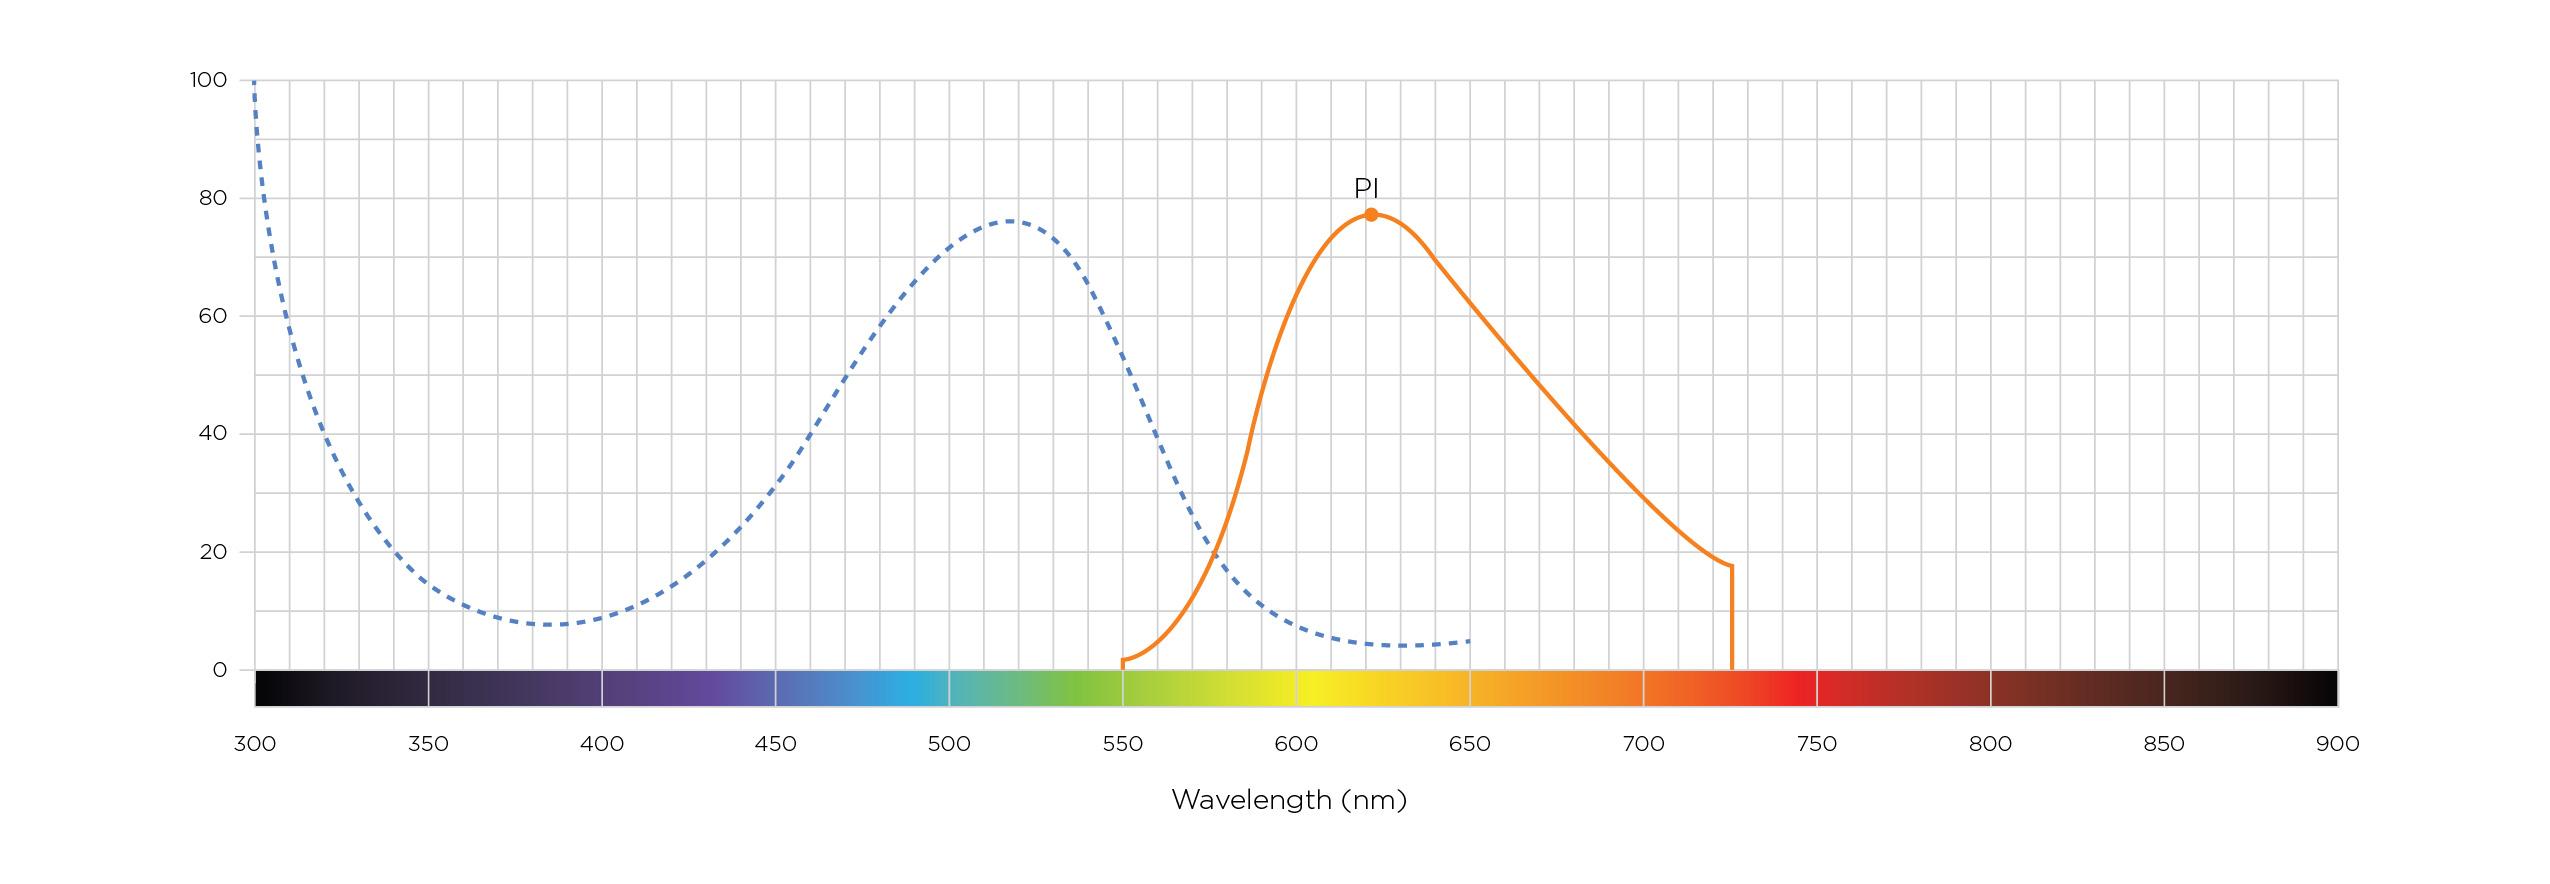 Propidium Iodide excitation and emission spectrum